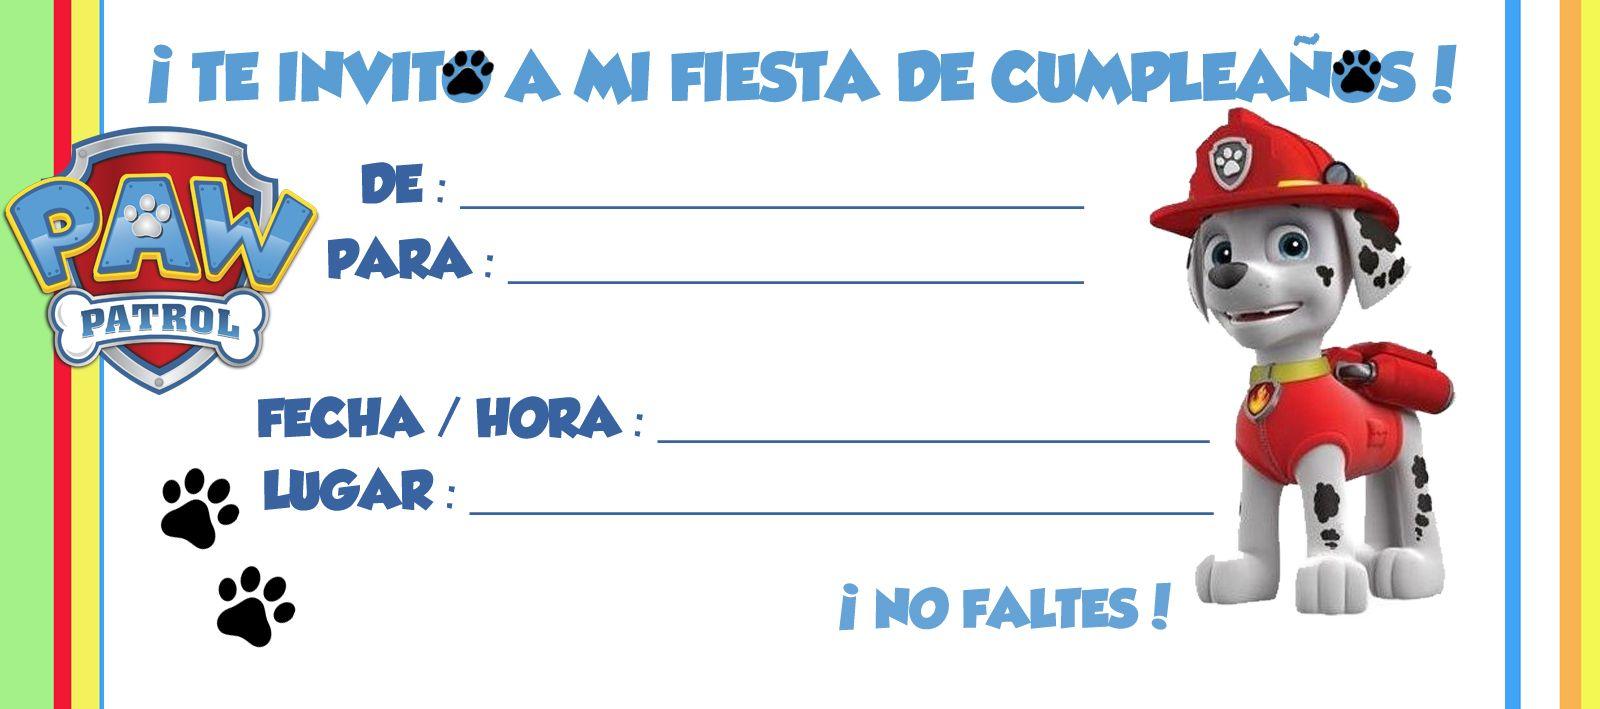 Invitacion Patrulla Canina Jpg 1600 709 Invitaciones Patrulla Canina Invitacion Cumpleaños Patrulla Canina Tarjetas De Cumpleaños Para Niños